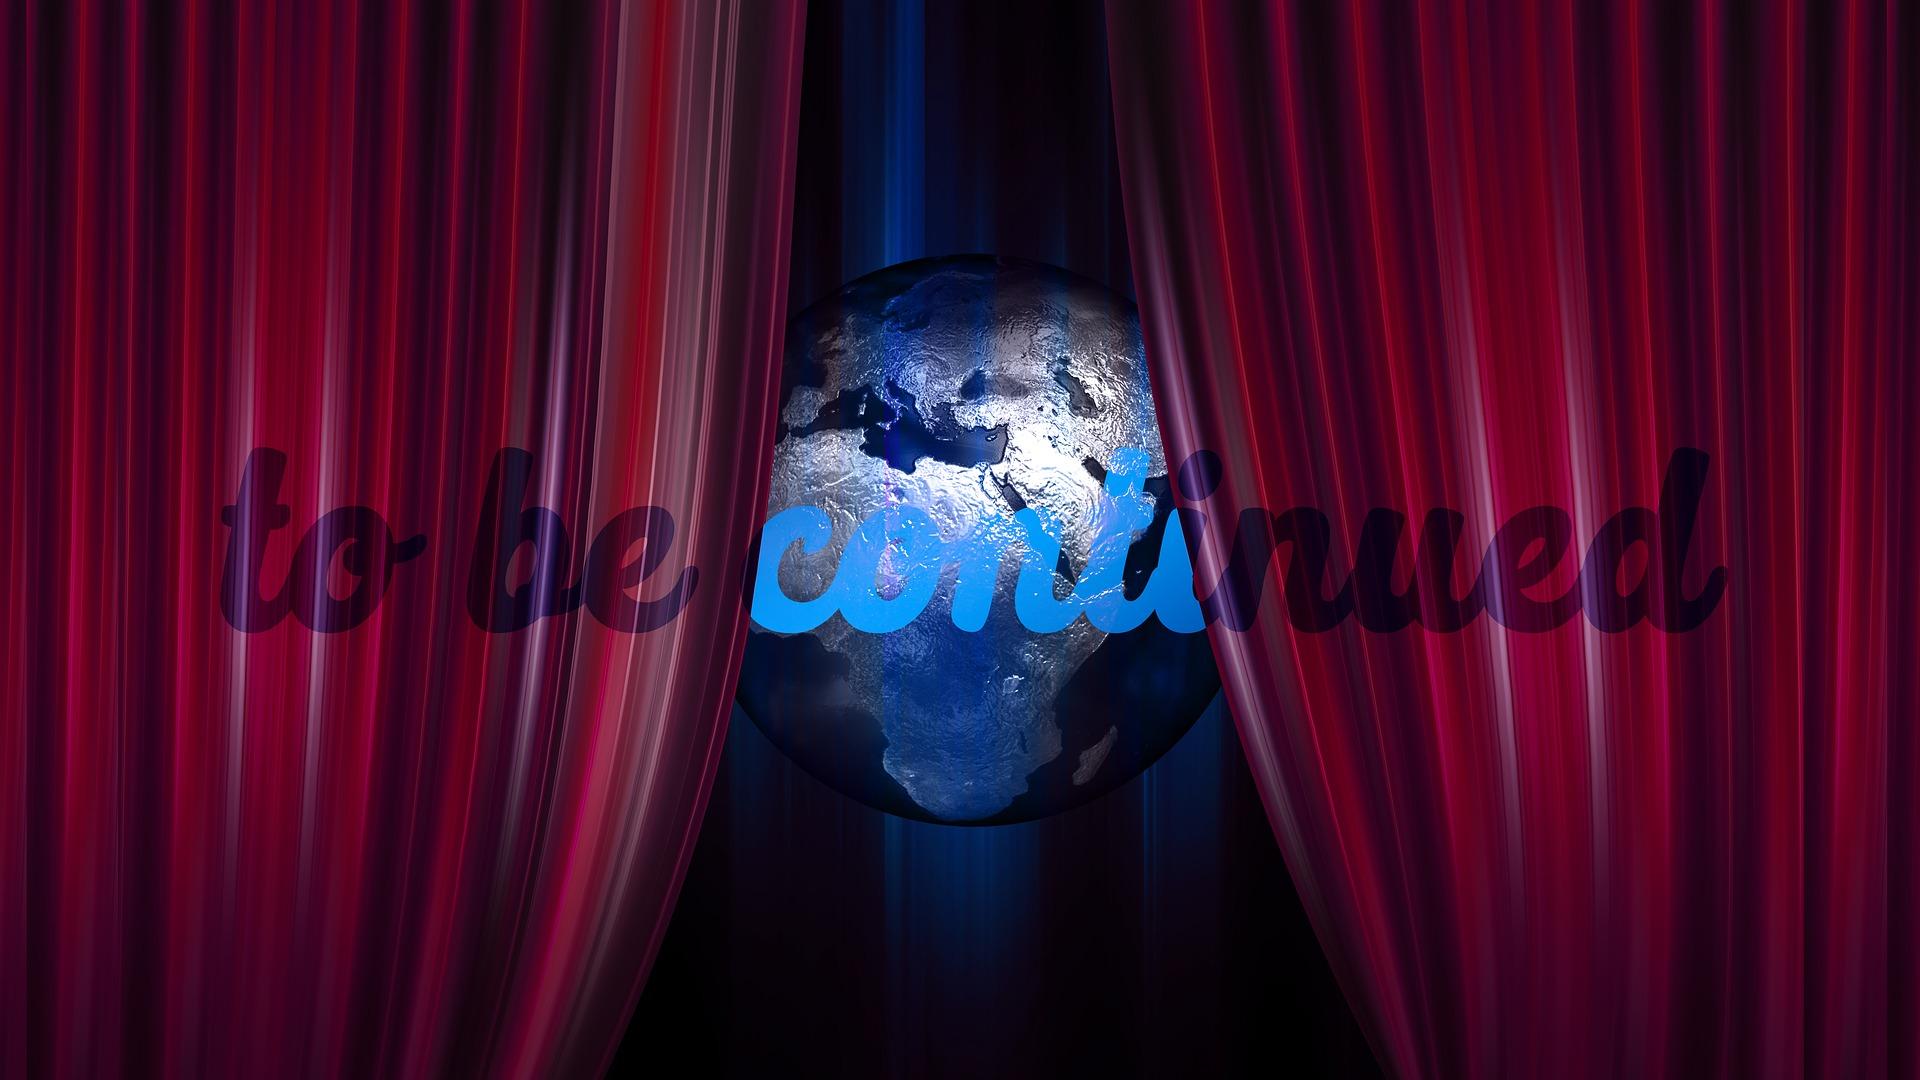 globe-2300134_1920.jpg